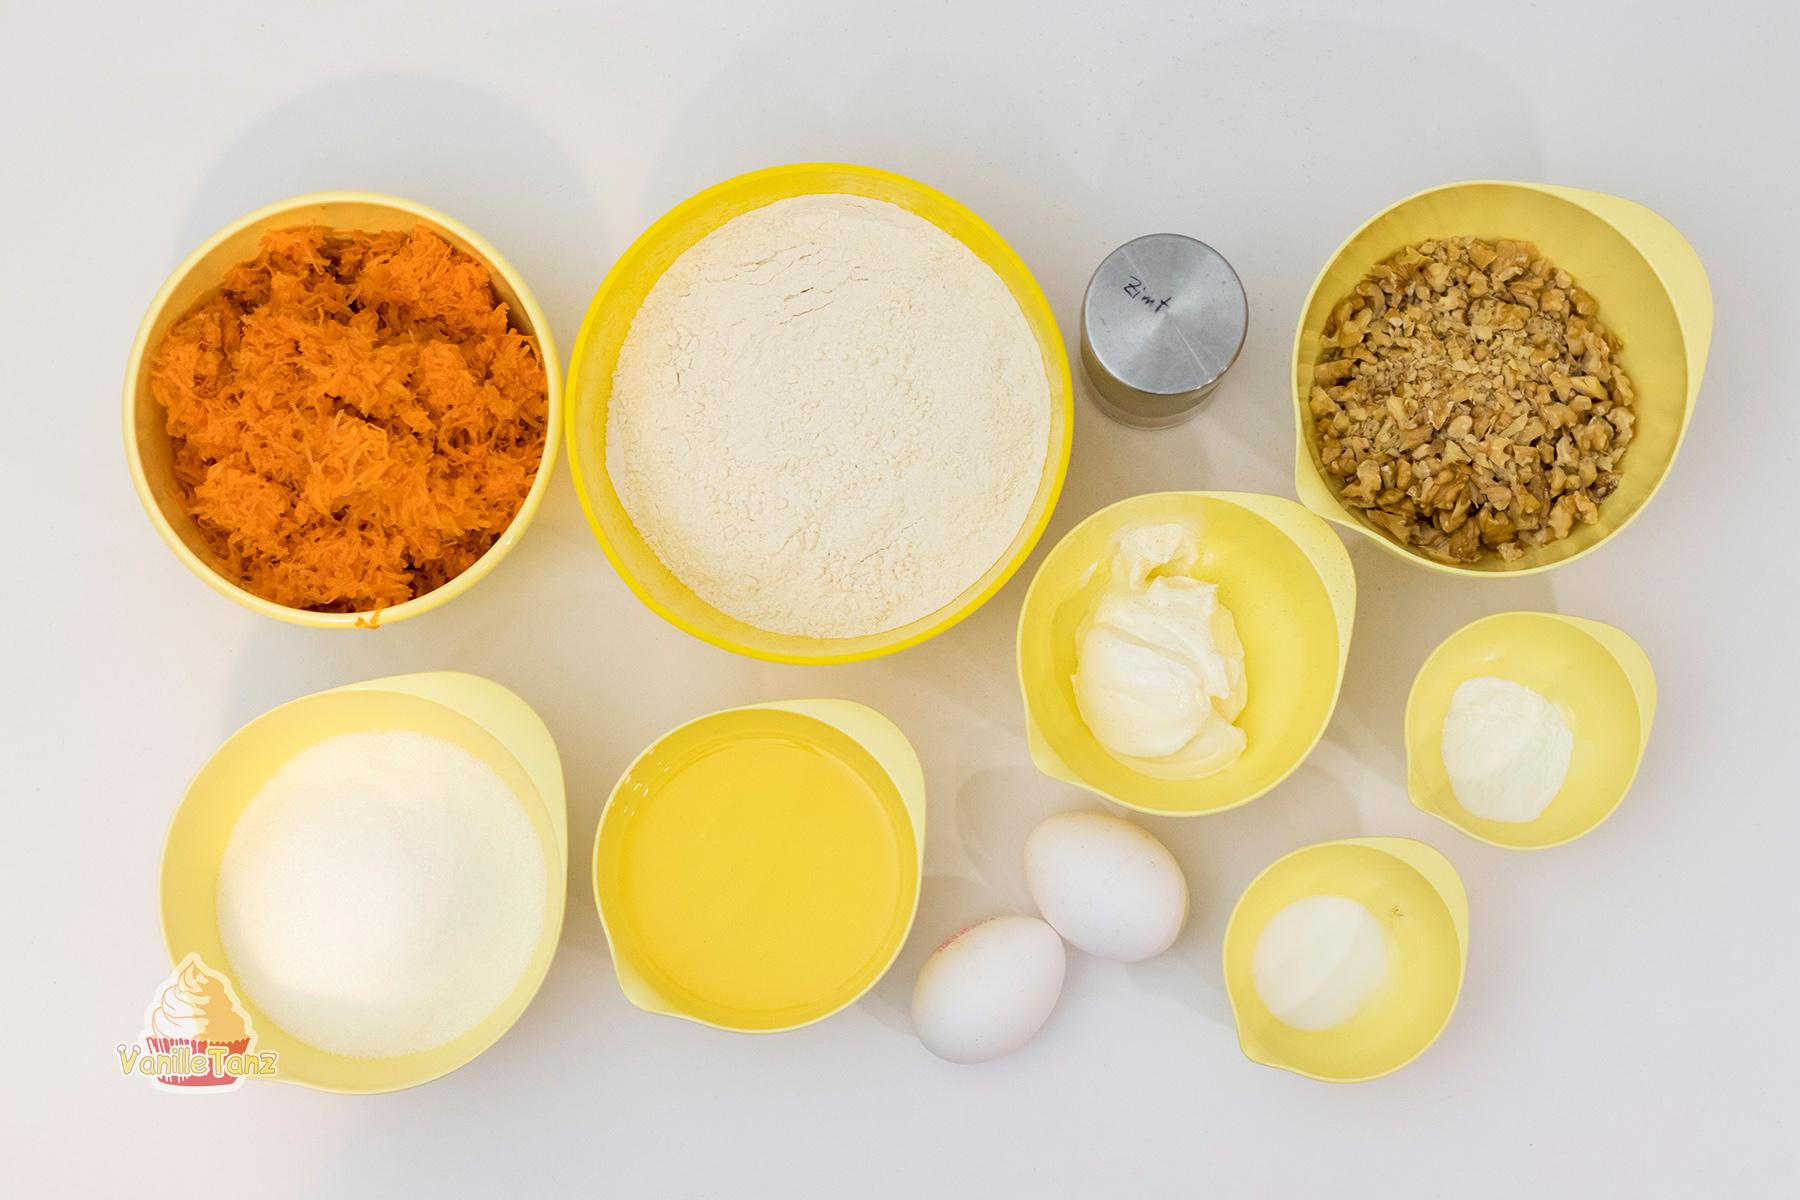 Schalen mit Zutaten für Karotten Muffin. geraspelte Karotten, Mehl, gehackte Nüsse, zwei Eier